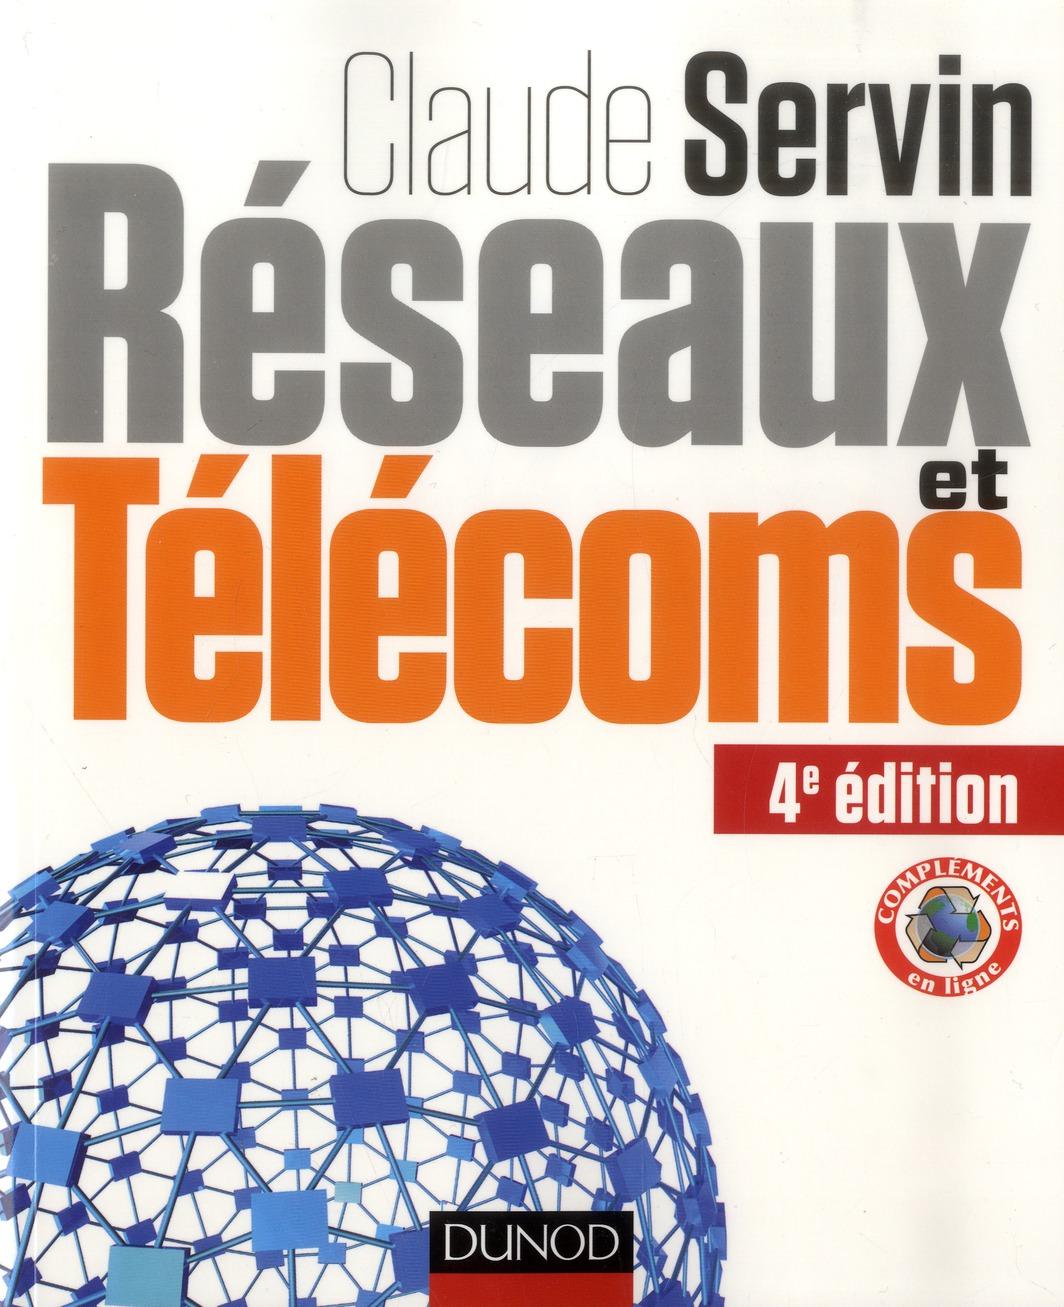 Reseaux Et Telecoms (4e Edition)